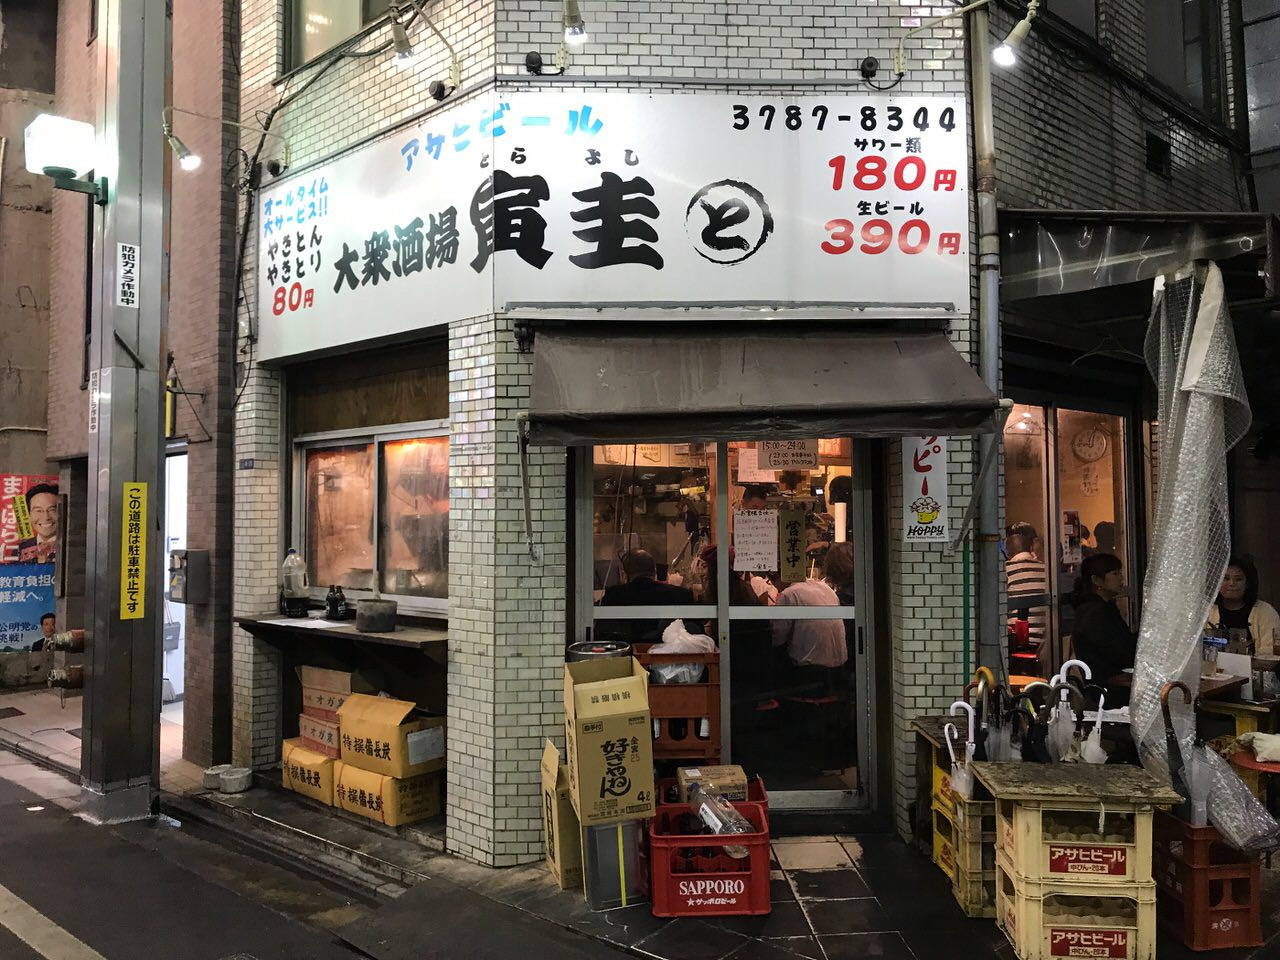 「寅圭 武蔵小山店(とらよし)」チューハイ180円、焼きとん80円の激安で居心地良い大衆酒場